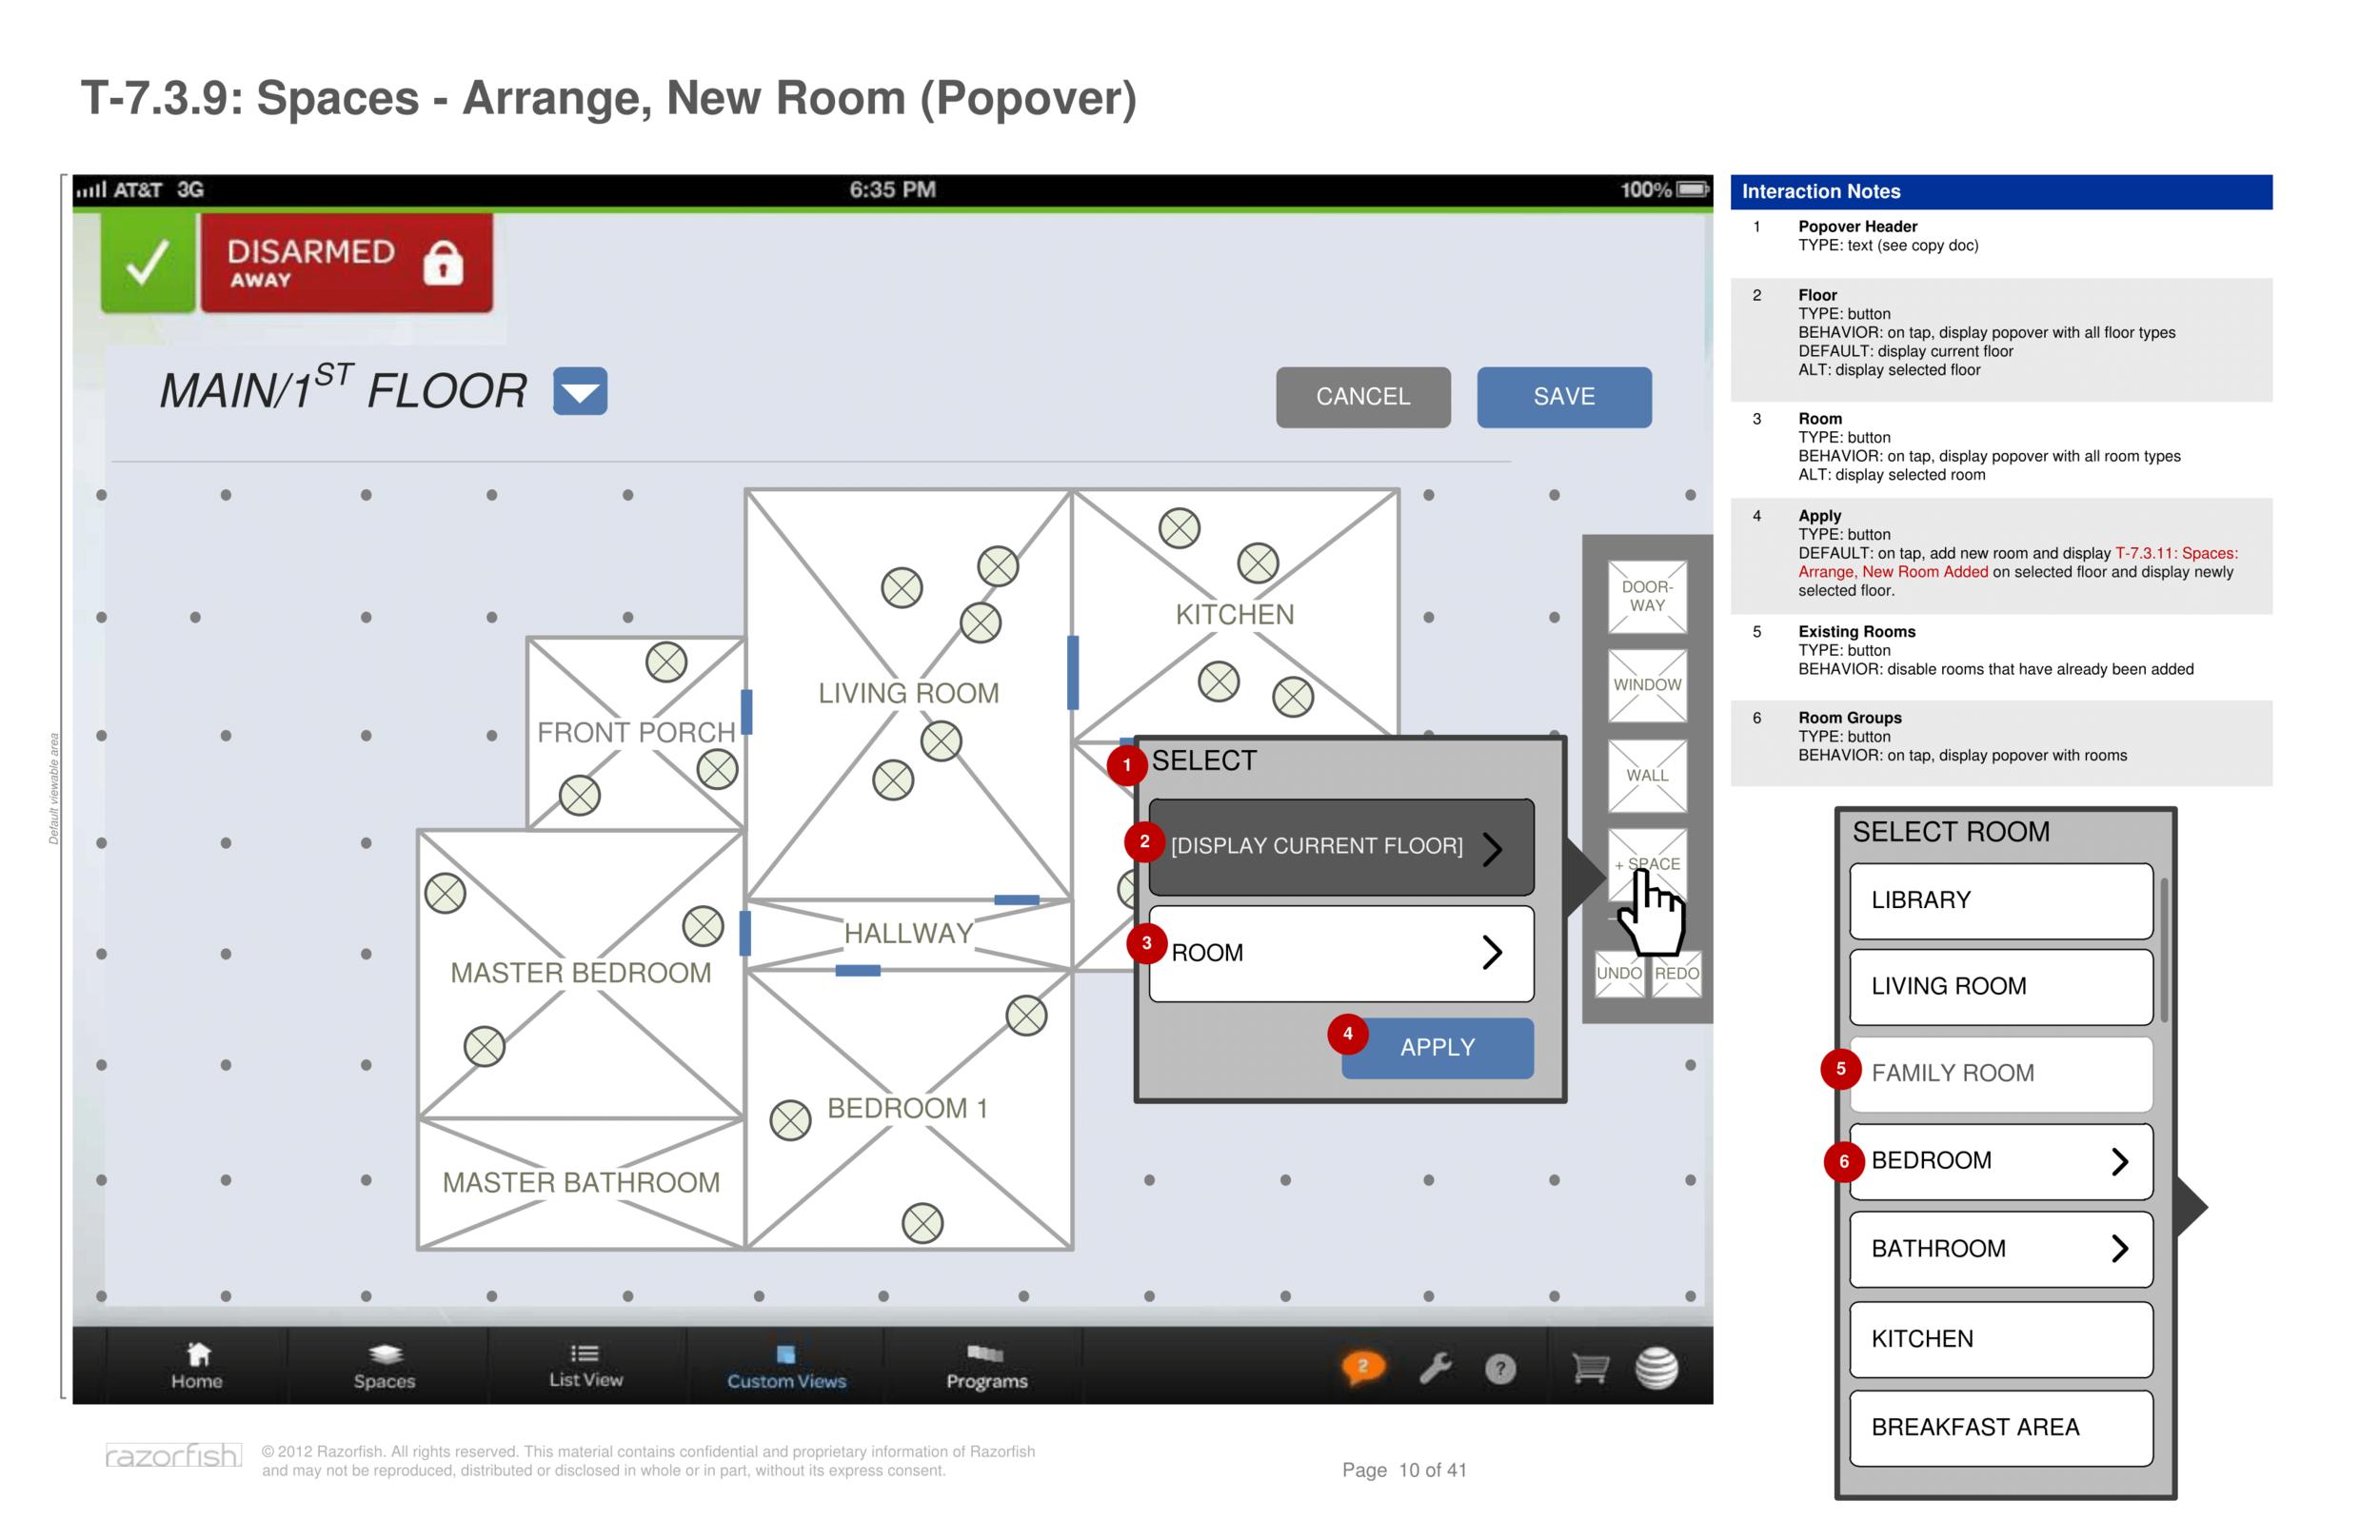 portfolio ATTDL_P1_iPad_Spaces_Wires_Draft_032612-10.png